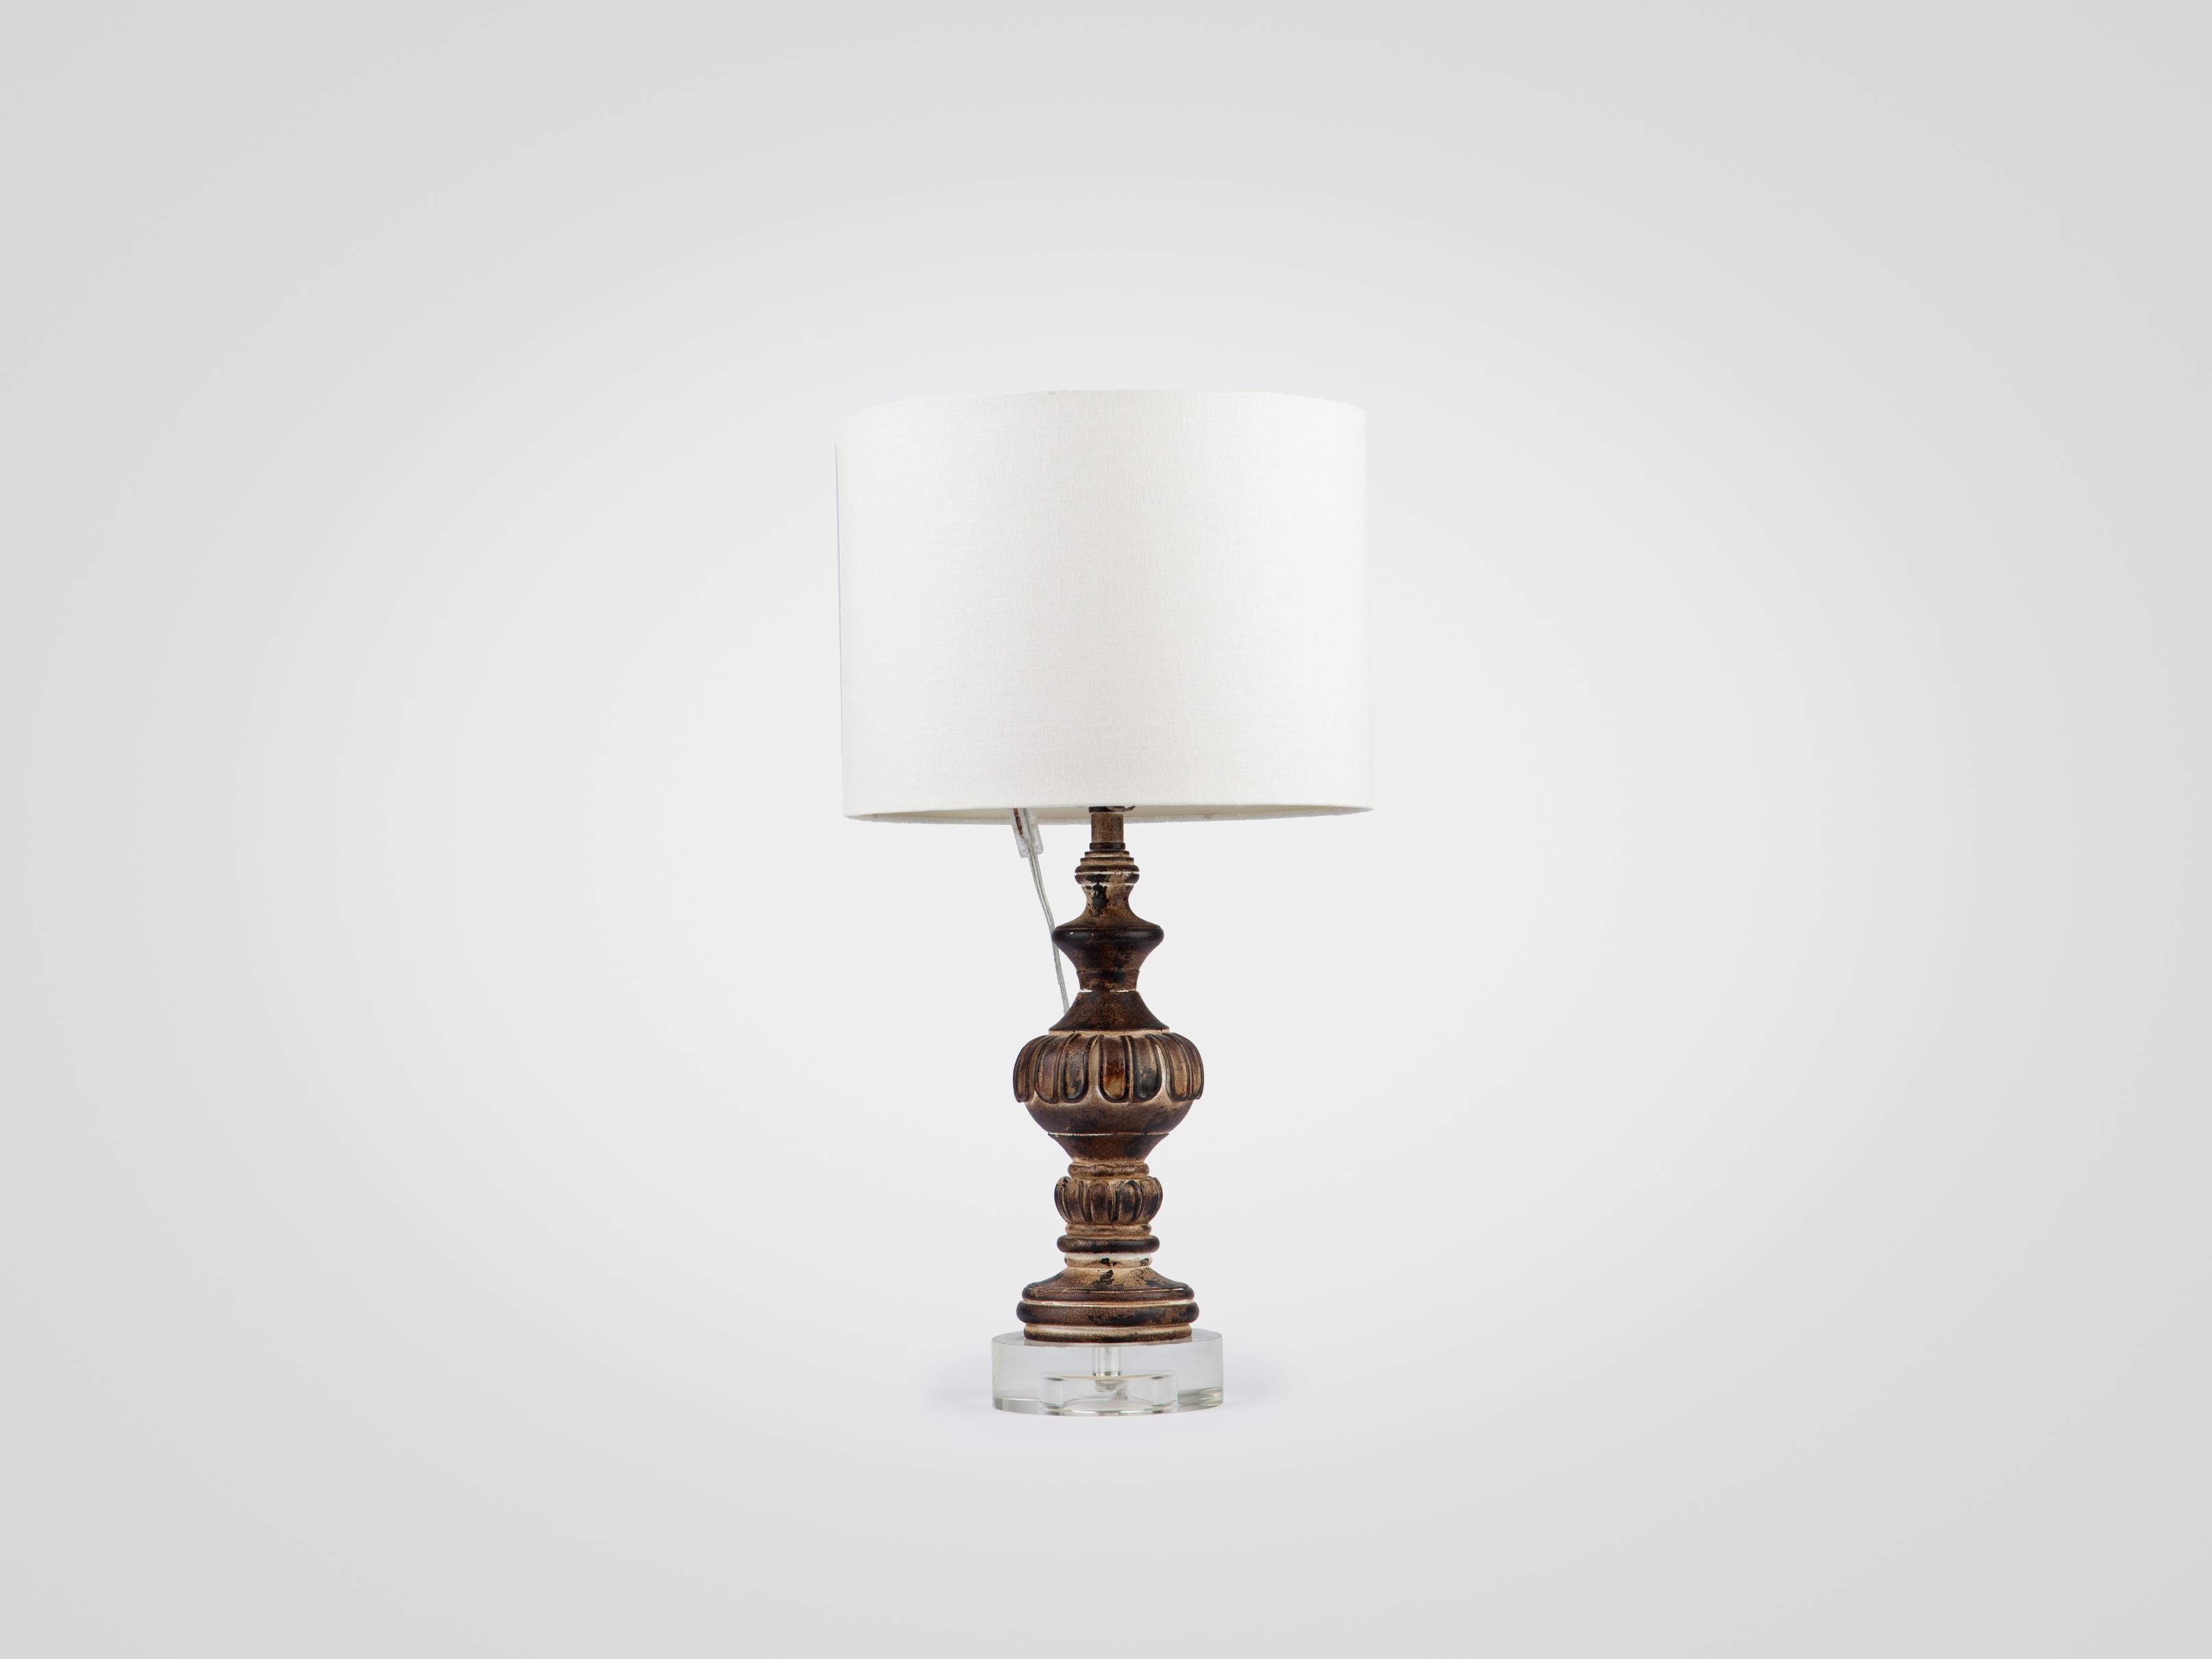 Лампа настольная на декоративной ножке украшенной патиной и старением, inmyroom, Китай  - Купить